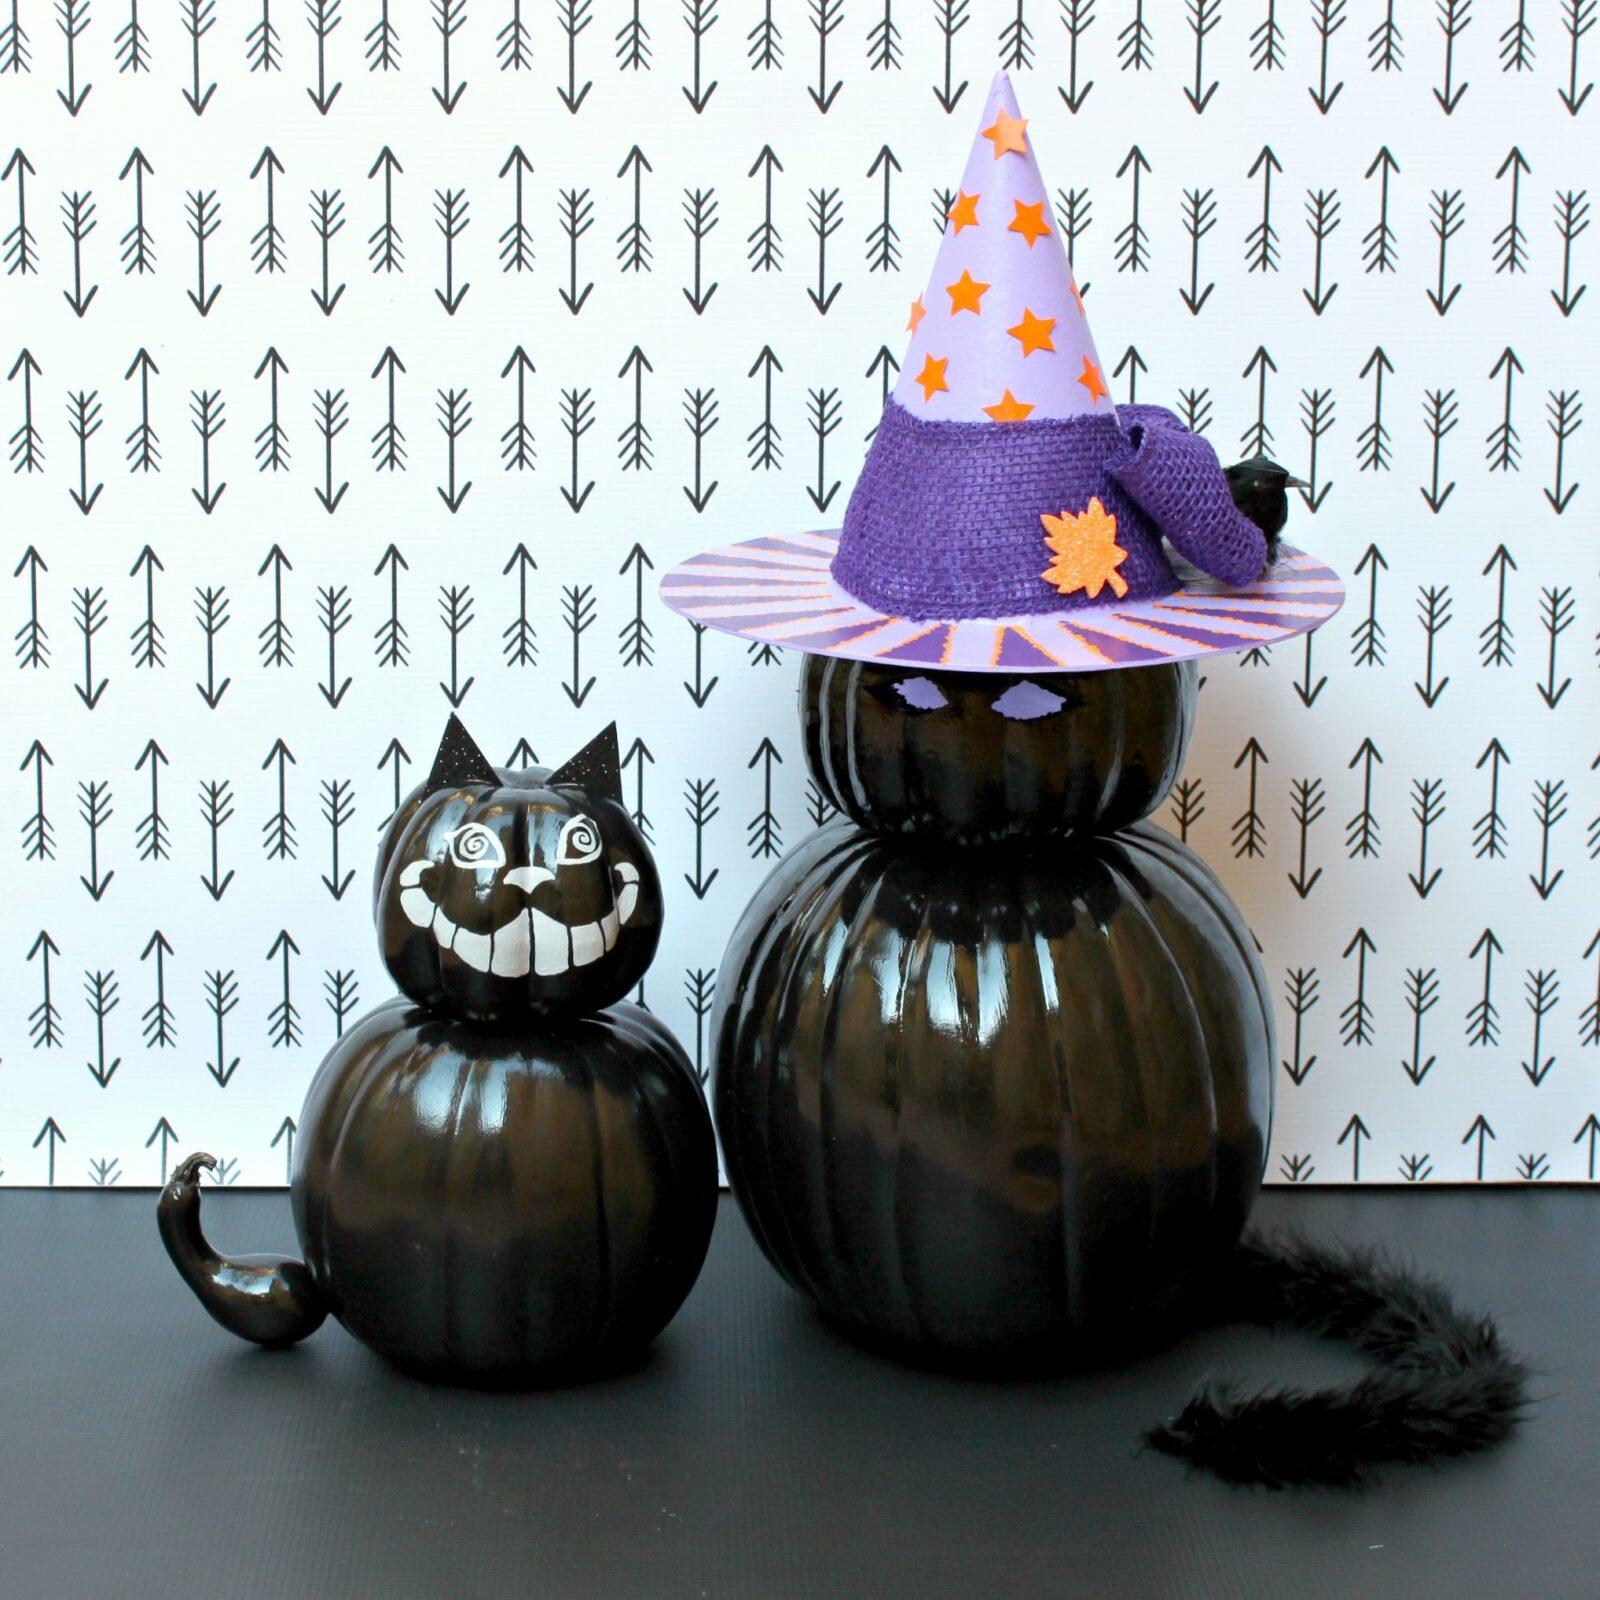 Patriotic Home Decor Ideas Black Cat Decor Made With Pumpkins Morena S Corner